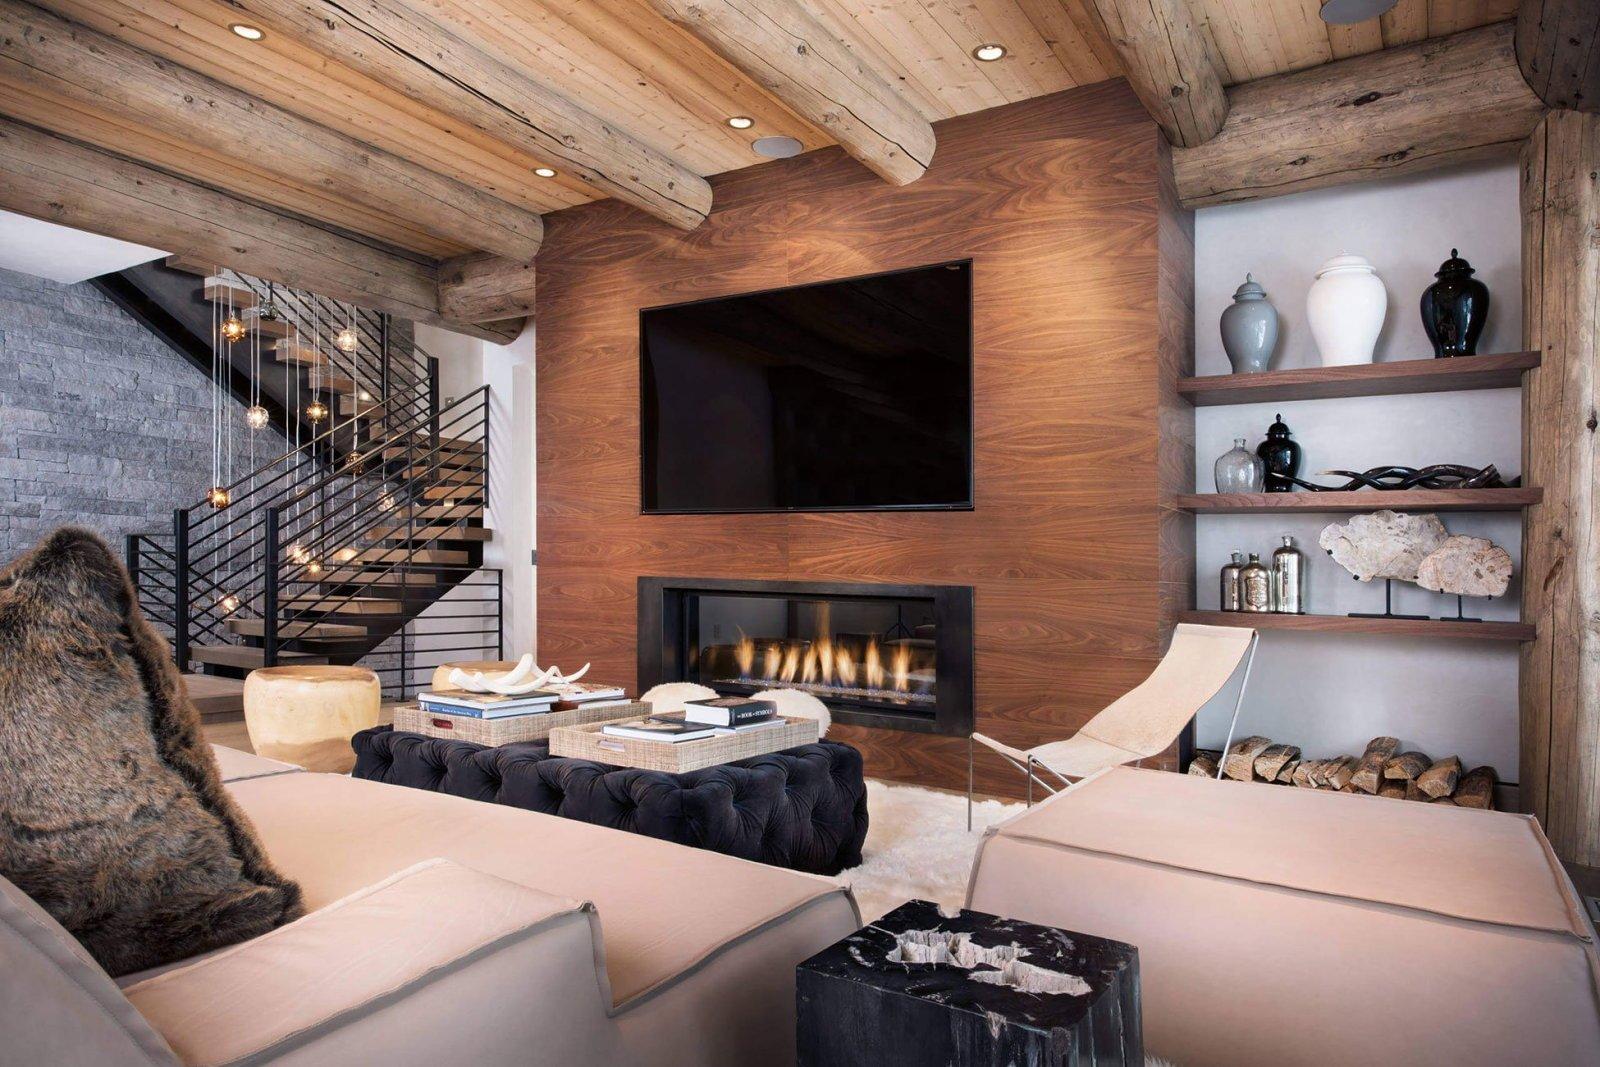 Что это такое шале: стиль интерьера и дома в альпийском духе. особенности стиля шале, интерьер и оформление дома